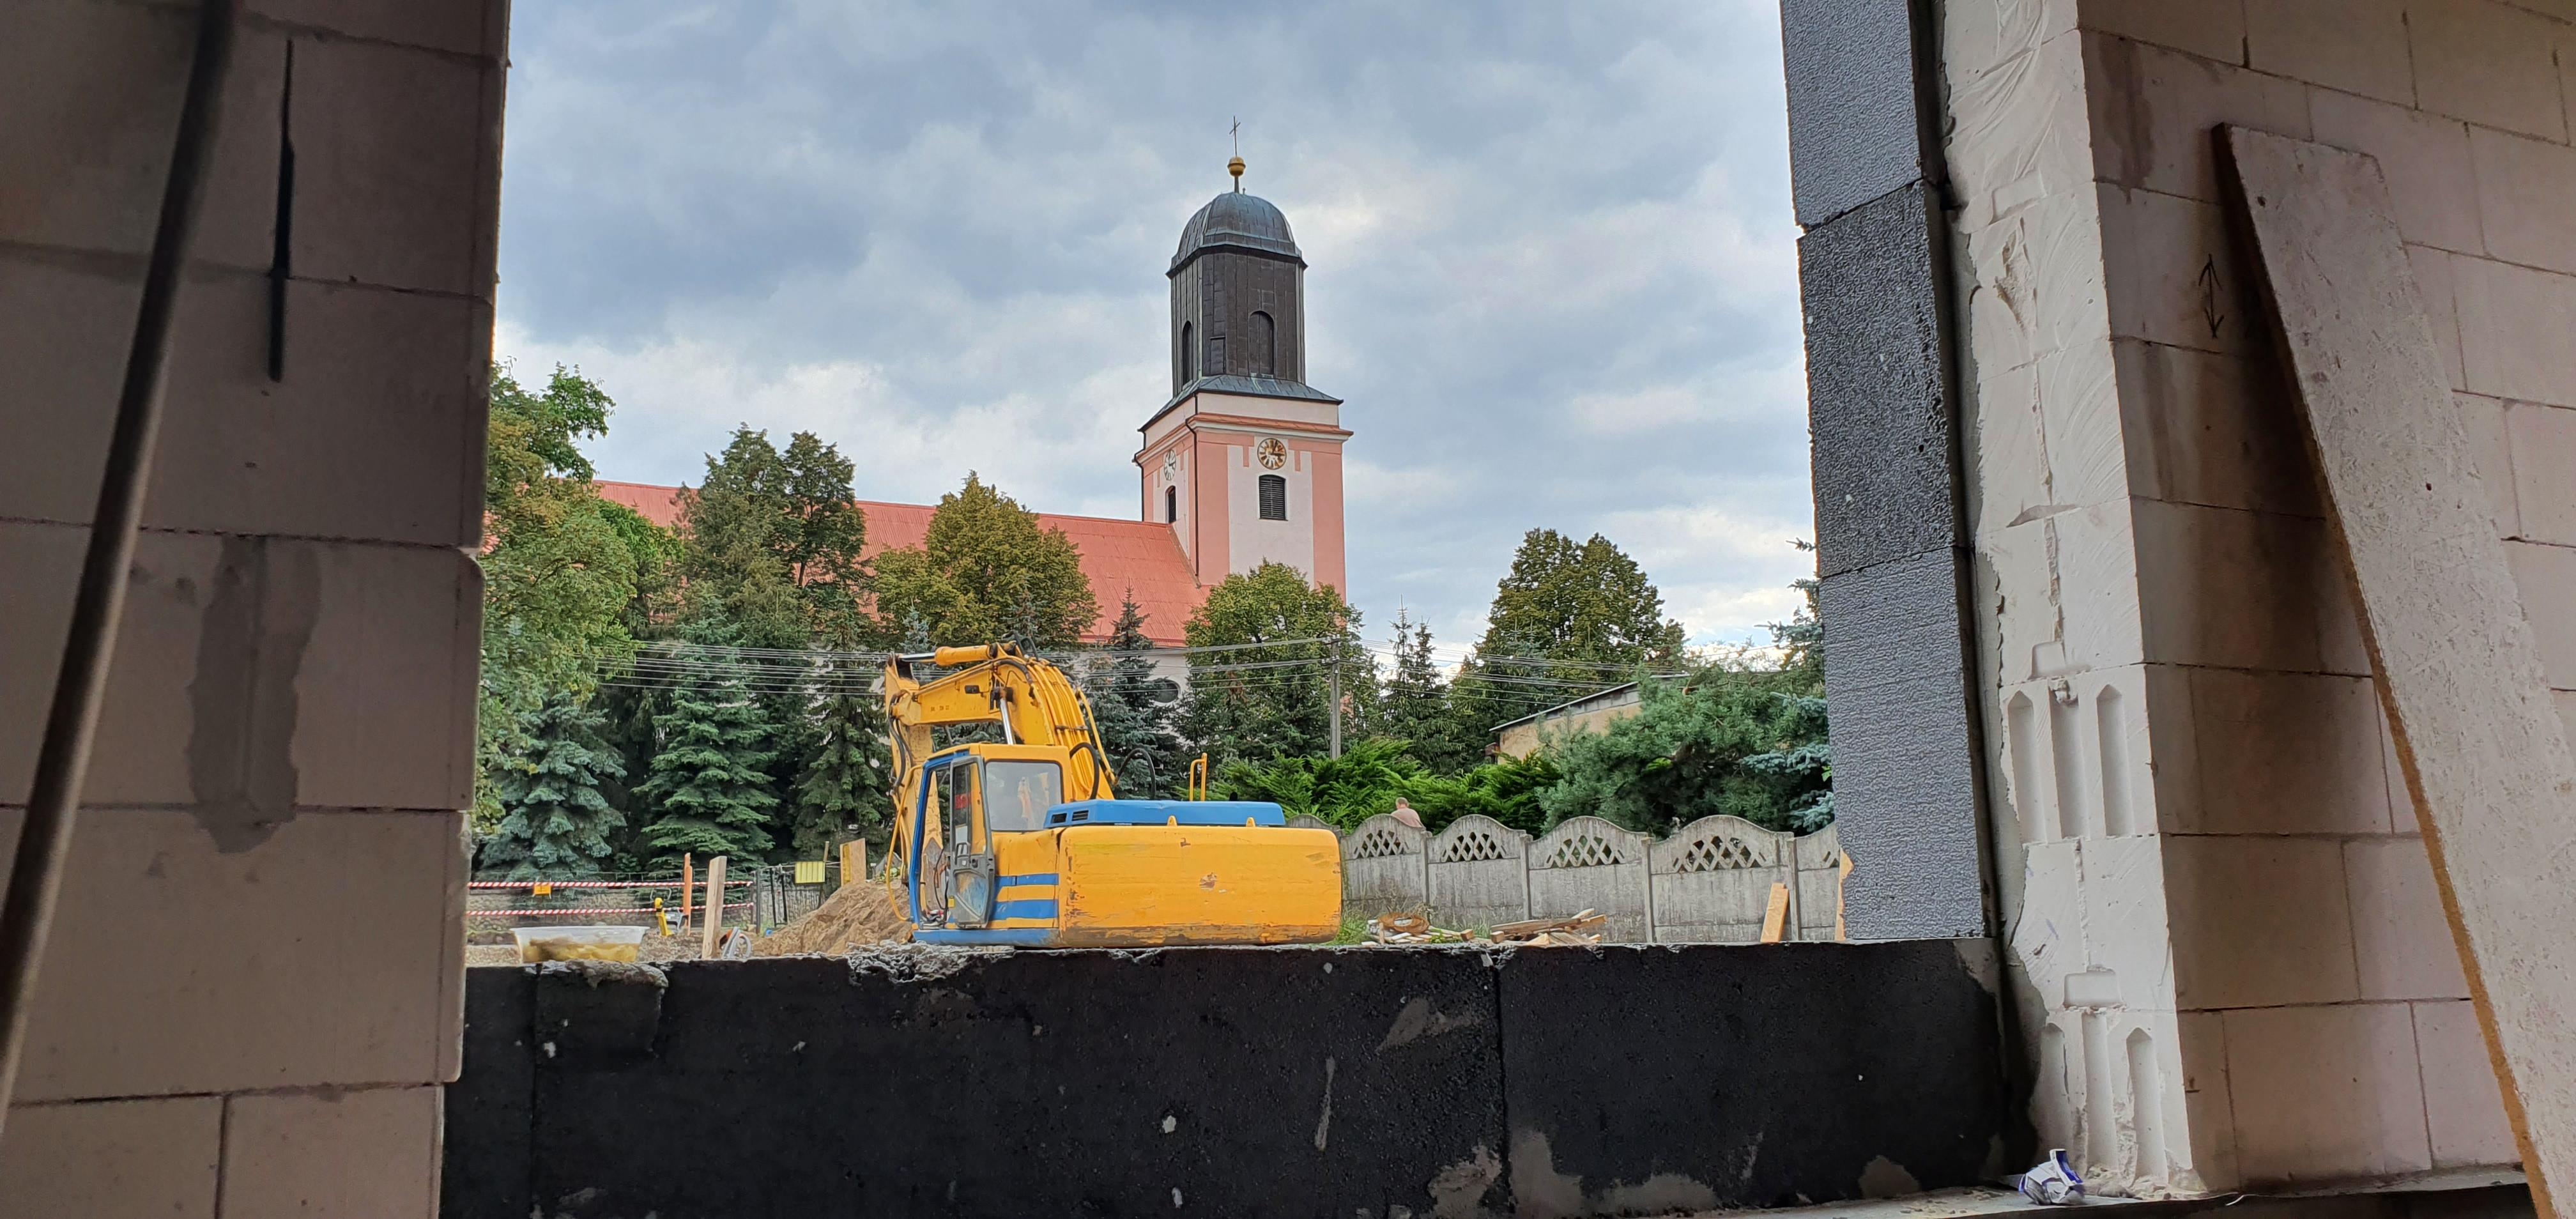 Zdjęcia z Trzebnic (galeria)